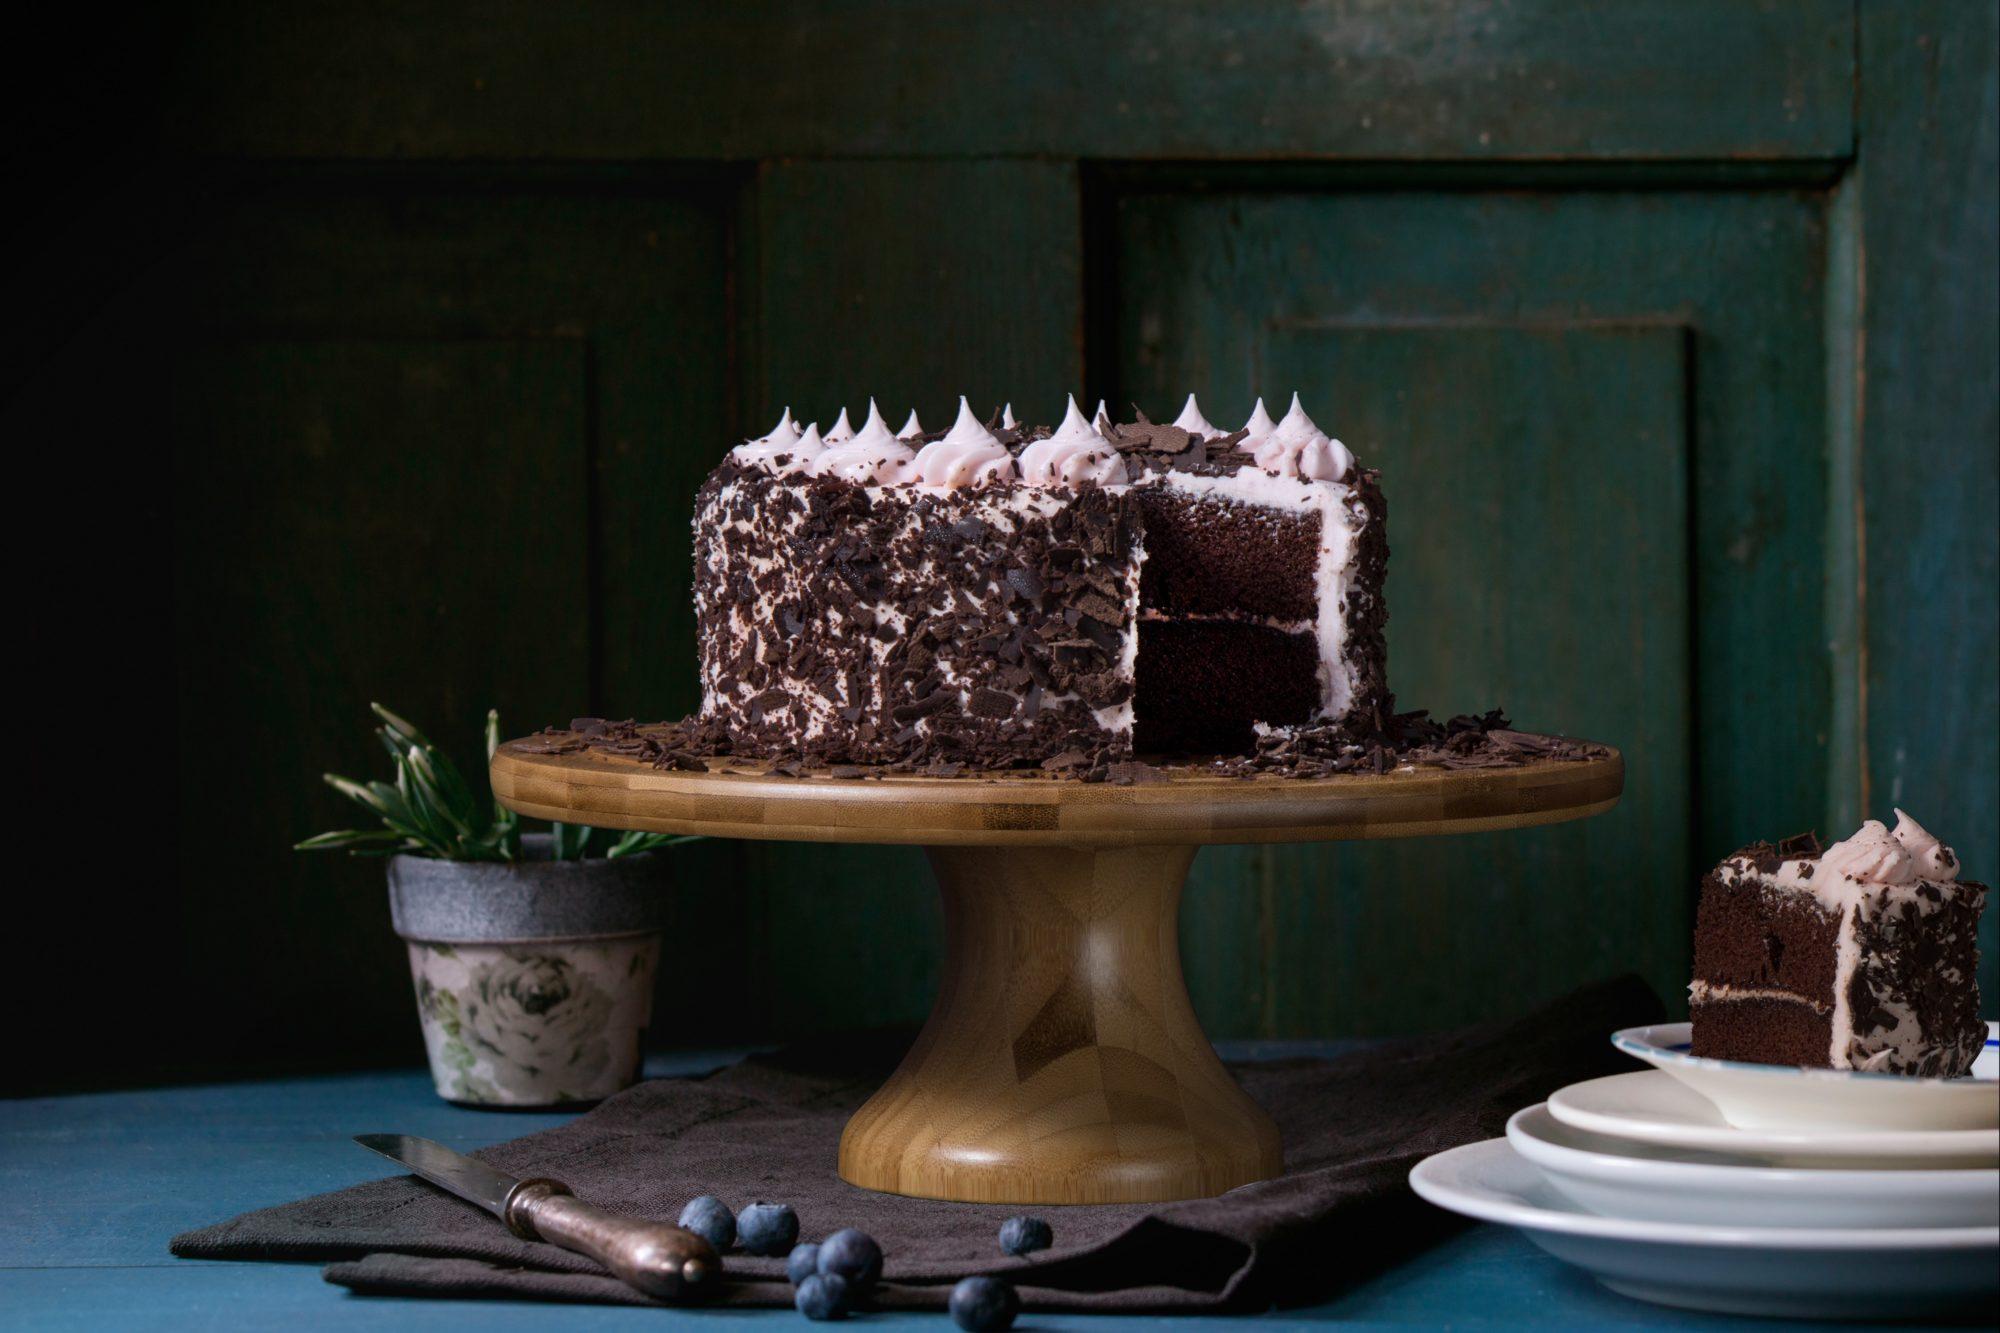 Pyszny tort czekoladowy